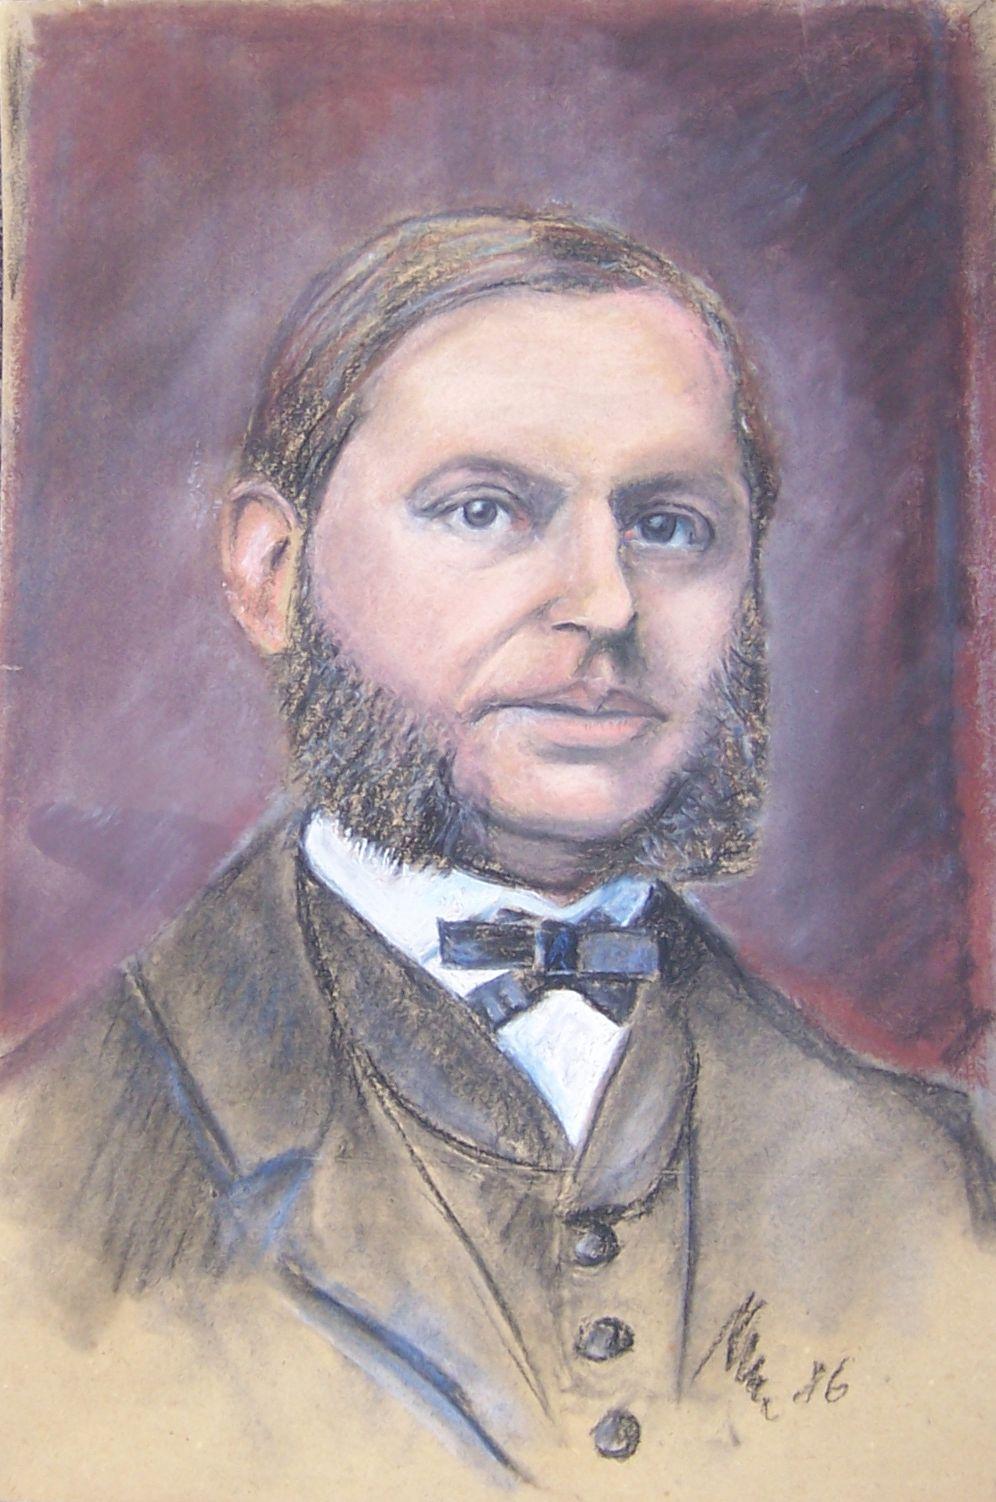 Zeichnung: Portrait von Theodor Eduard Böttcher © Universitätsarchiv